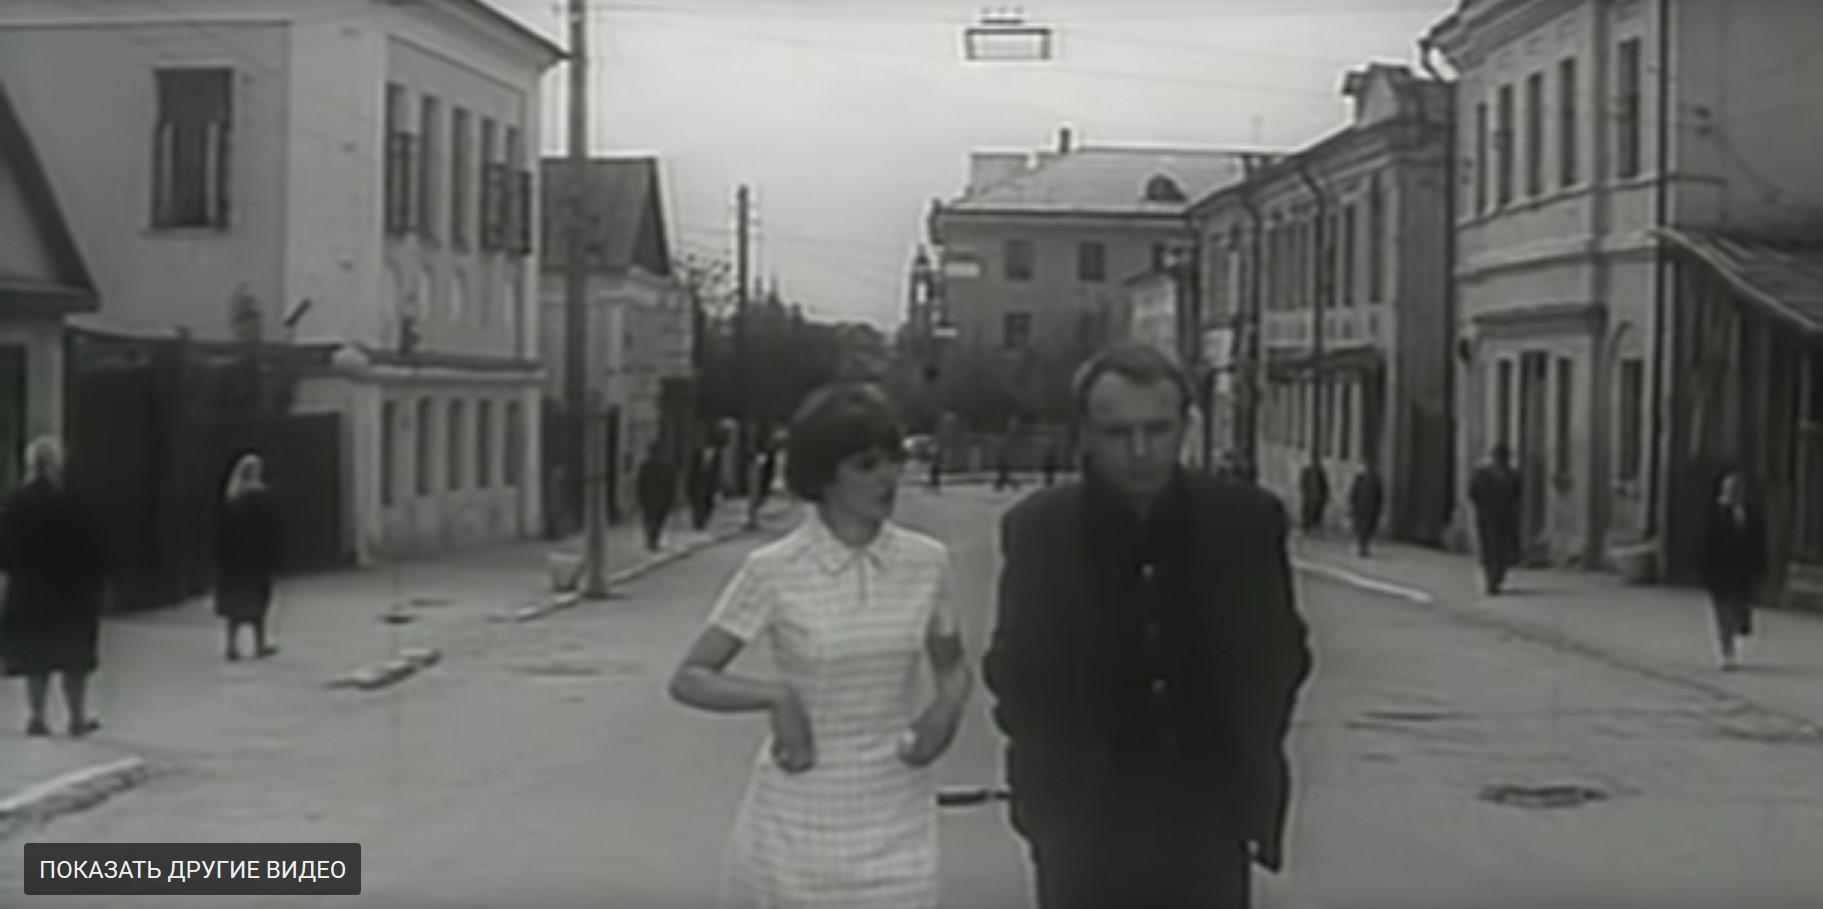 калуга 1965 год похождения зубного врача